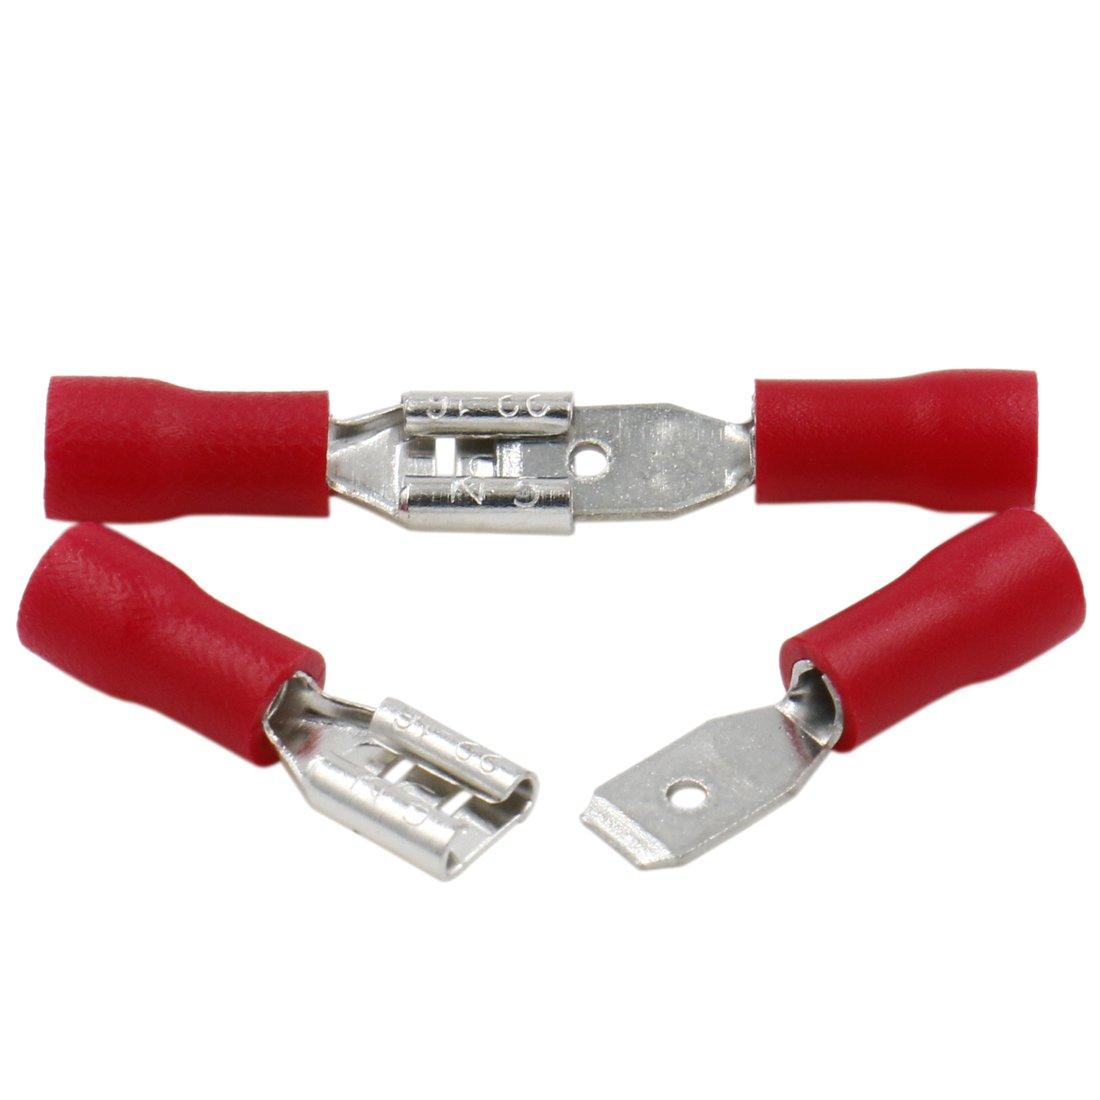 heschen in Frauen-Schnell Trennt, Vinyl Isolierter 4,8x 0,5mm Kabel Terminal für 0,5–1,5mm² (22–16AWG) rot 100Stück Heschen Electric Co.Ltd